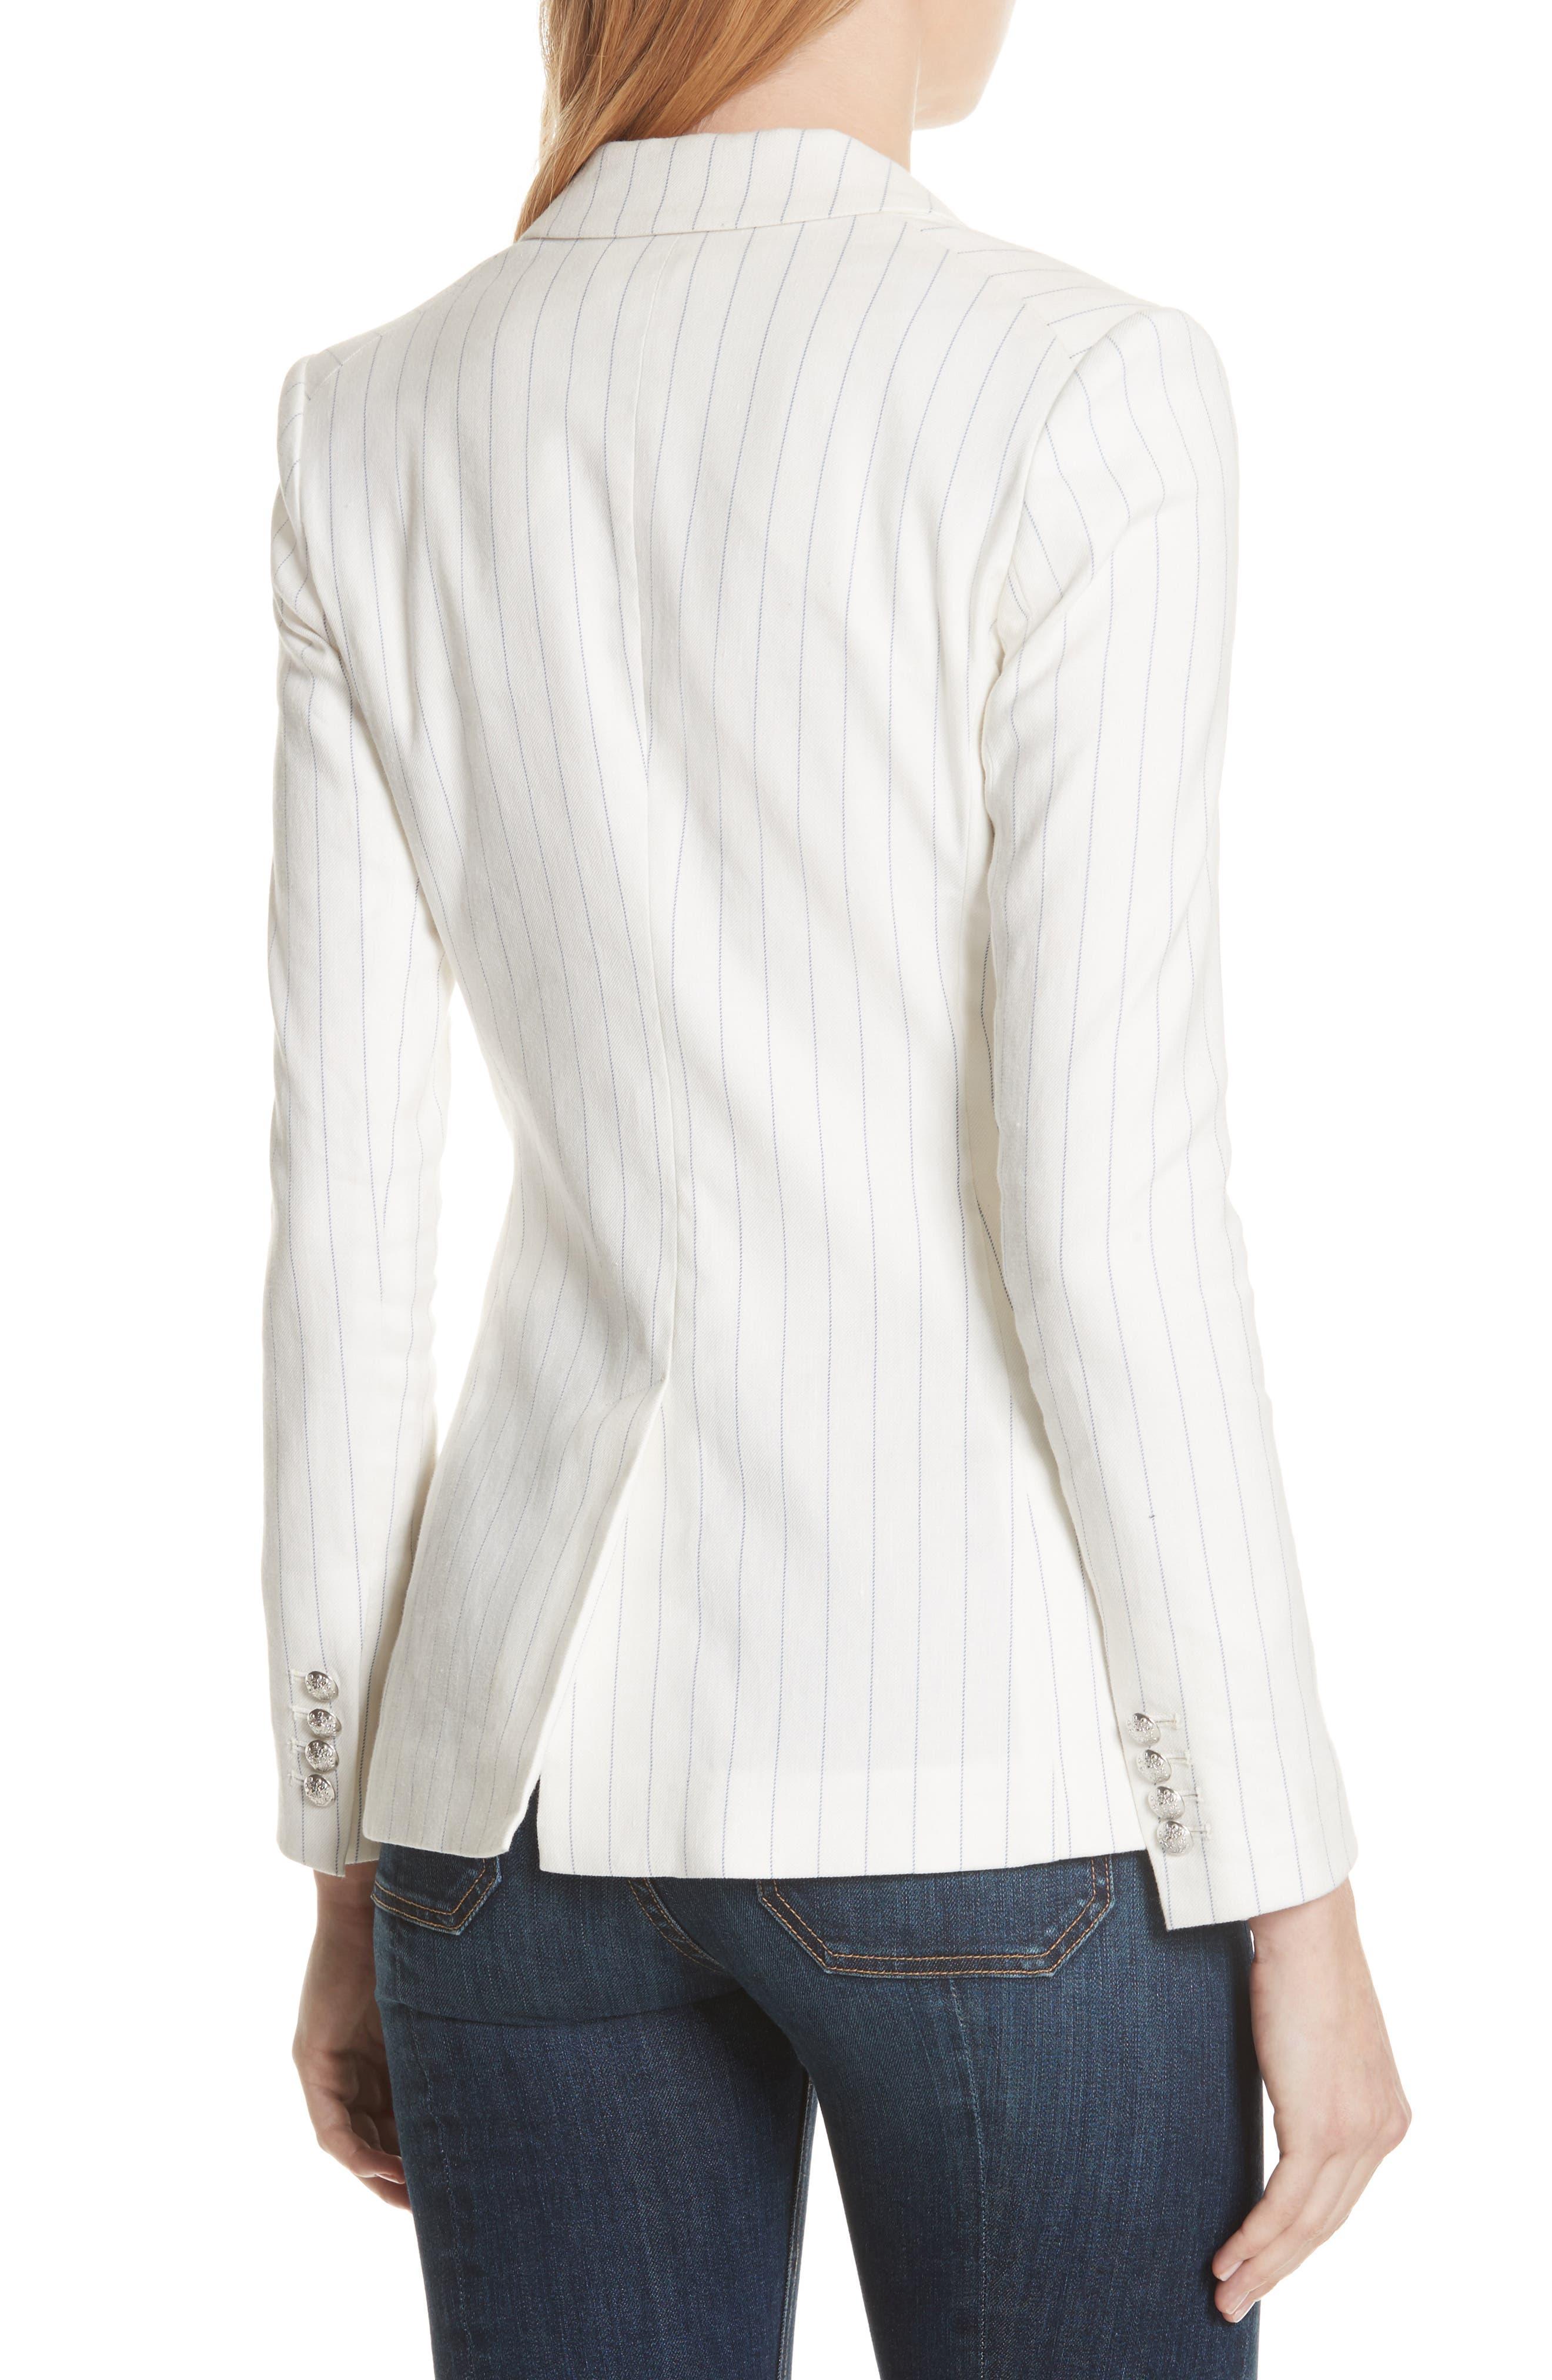 Apollo Pinstripe Jacket,                             Alternate thumbnail 2, color,                             Off White/ Blue Stripe